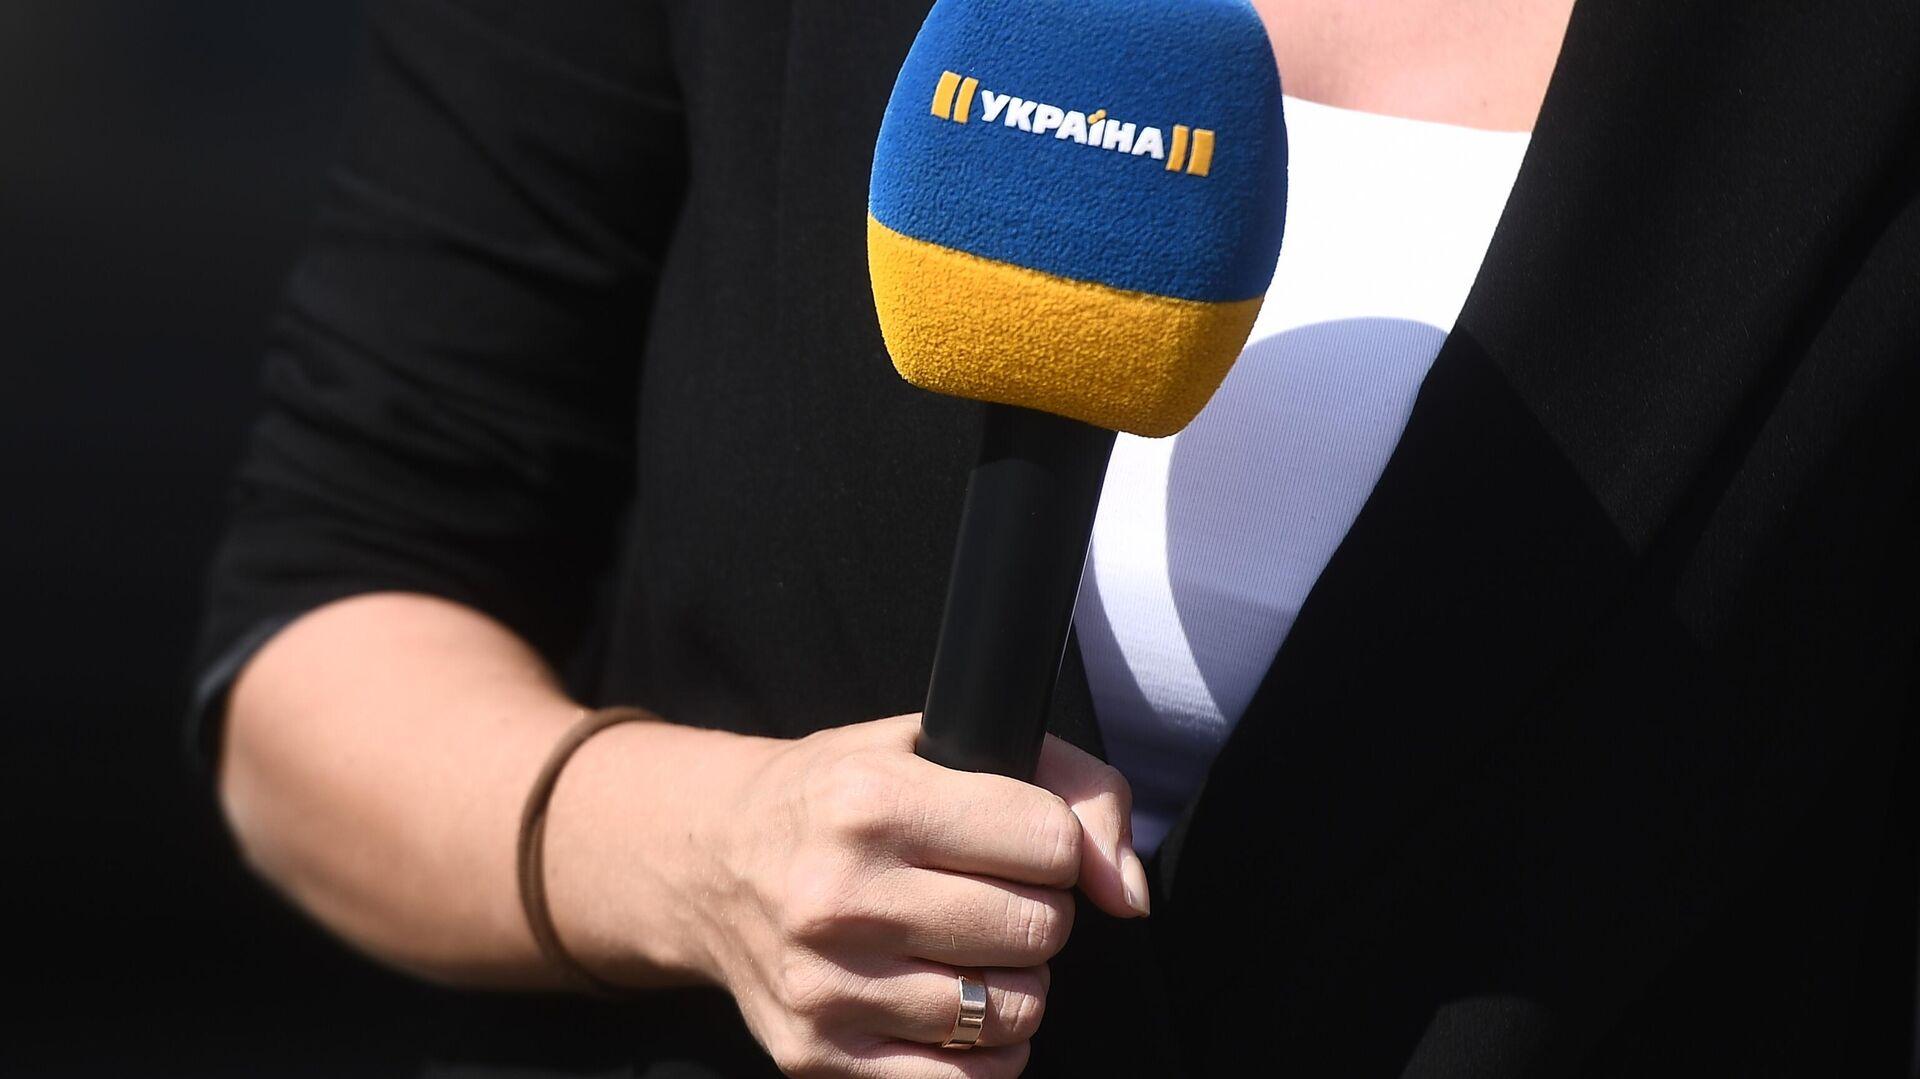 Корреспондент телеканала Украина у аэропорта Внуково ожидает прилета самолета с участниками договоренности об освобождении между Россией и Украино - РИА Новости, 1920, 03.02.2021